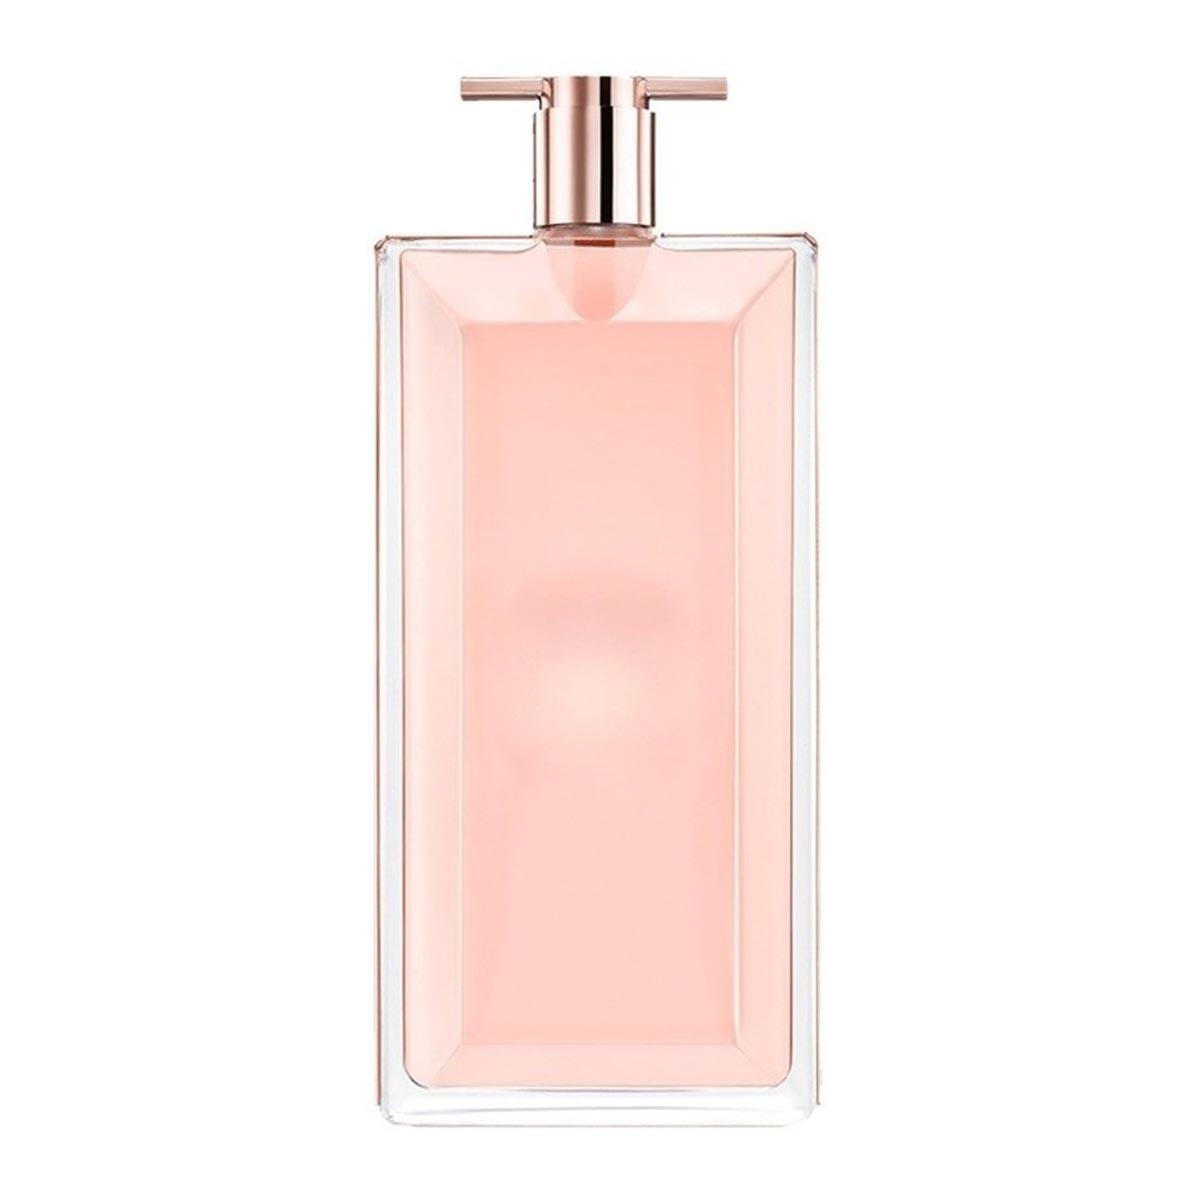 Lancome idole le parfum eau de parfum 50ml vaporizador